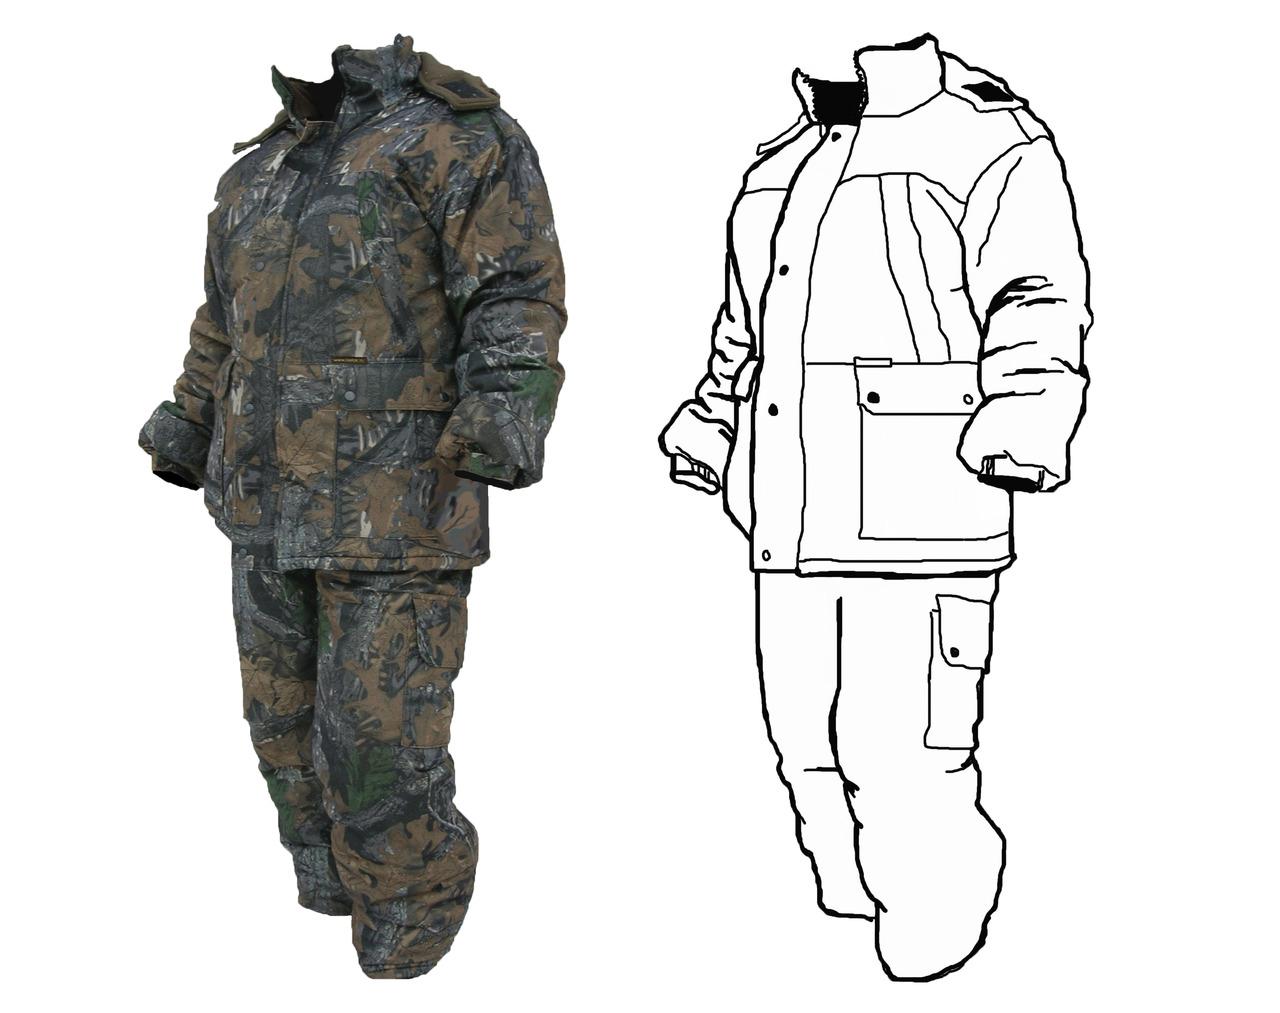 Одежда Для Рыбалки И Охоты Больших Размеров